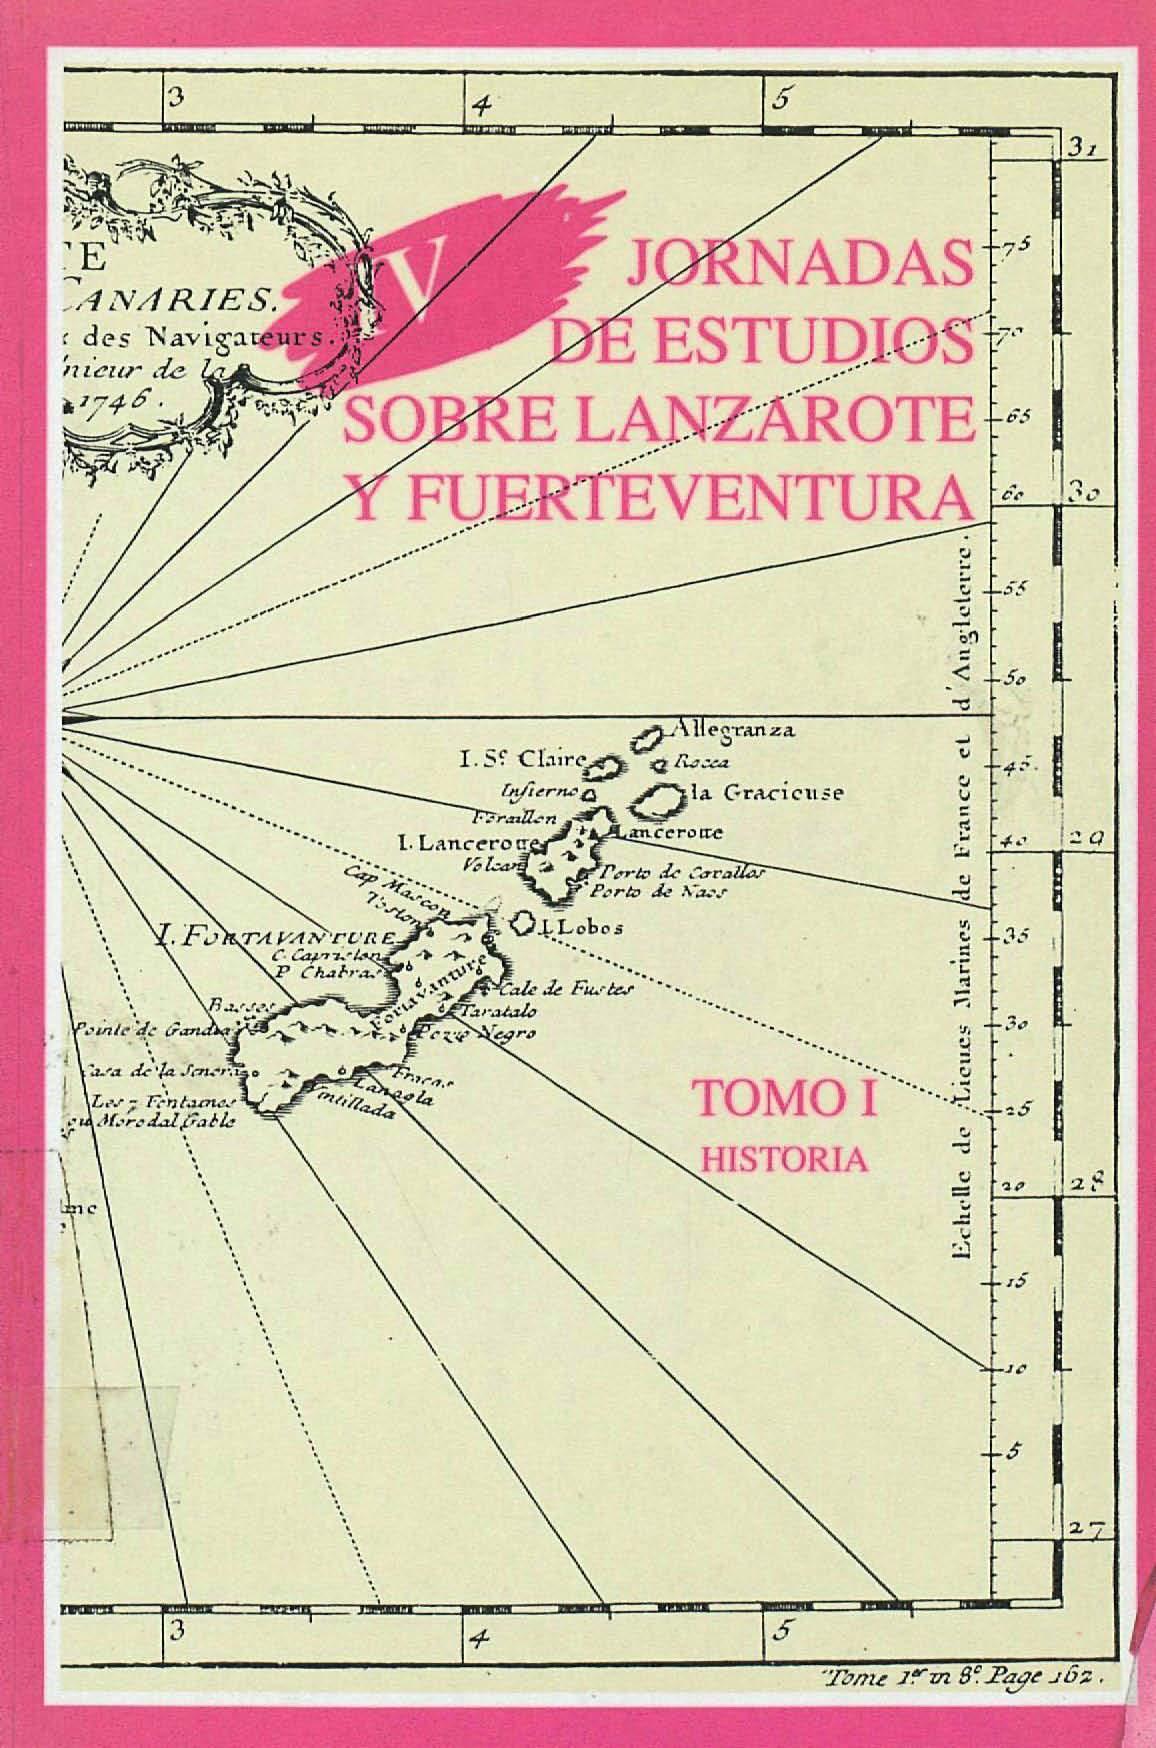 La crisis de la cochinilla en Lanzarote, 1875-1890